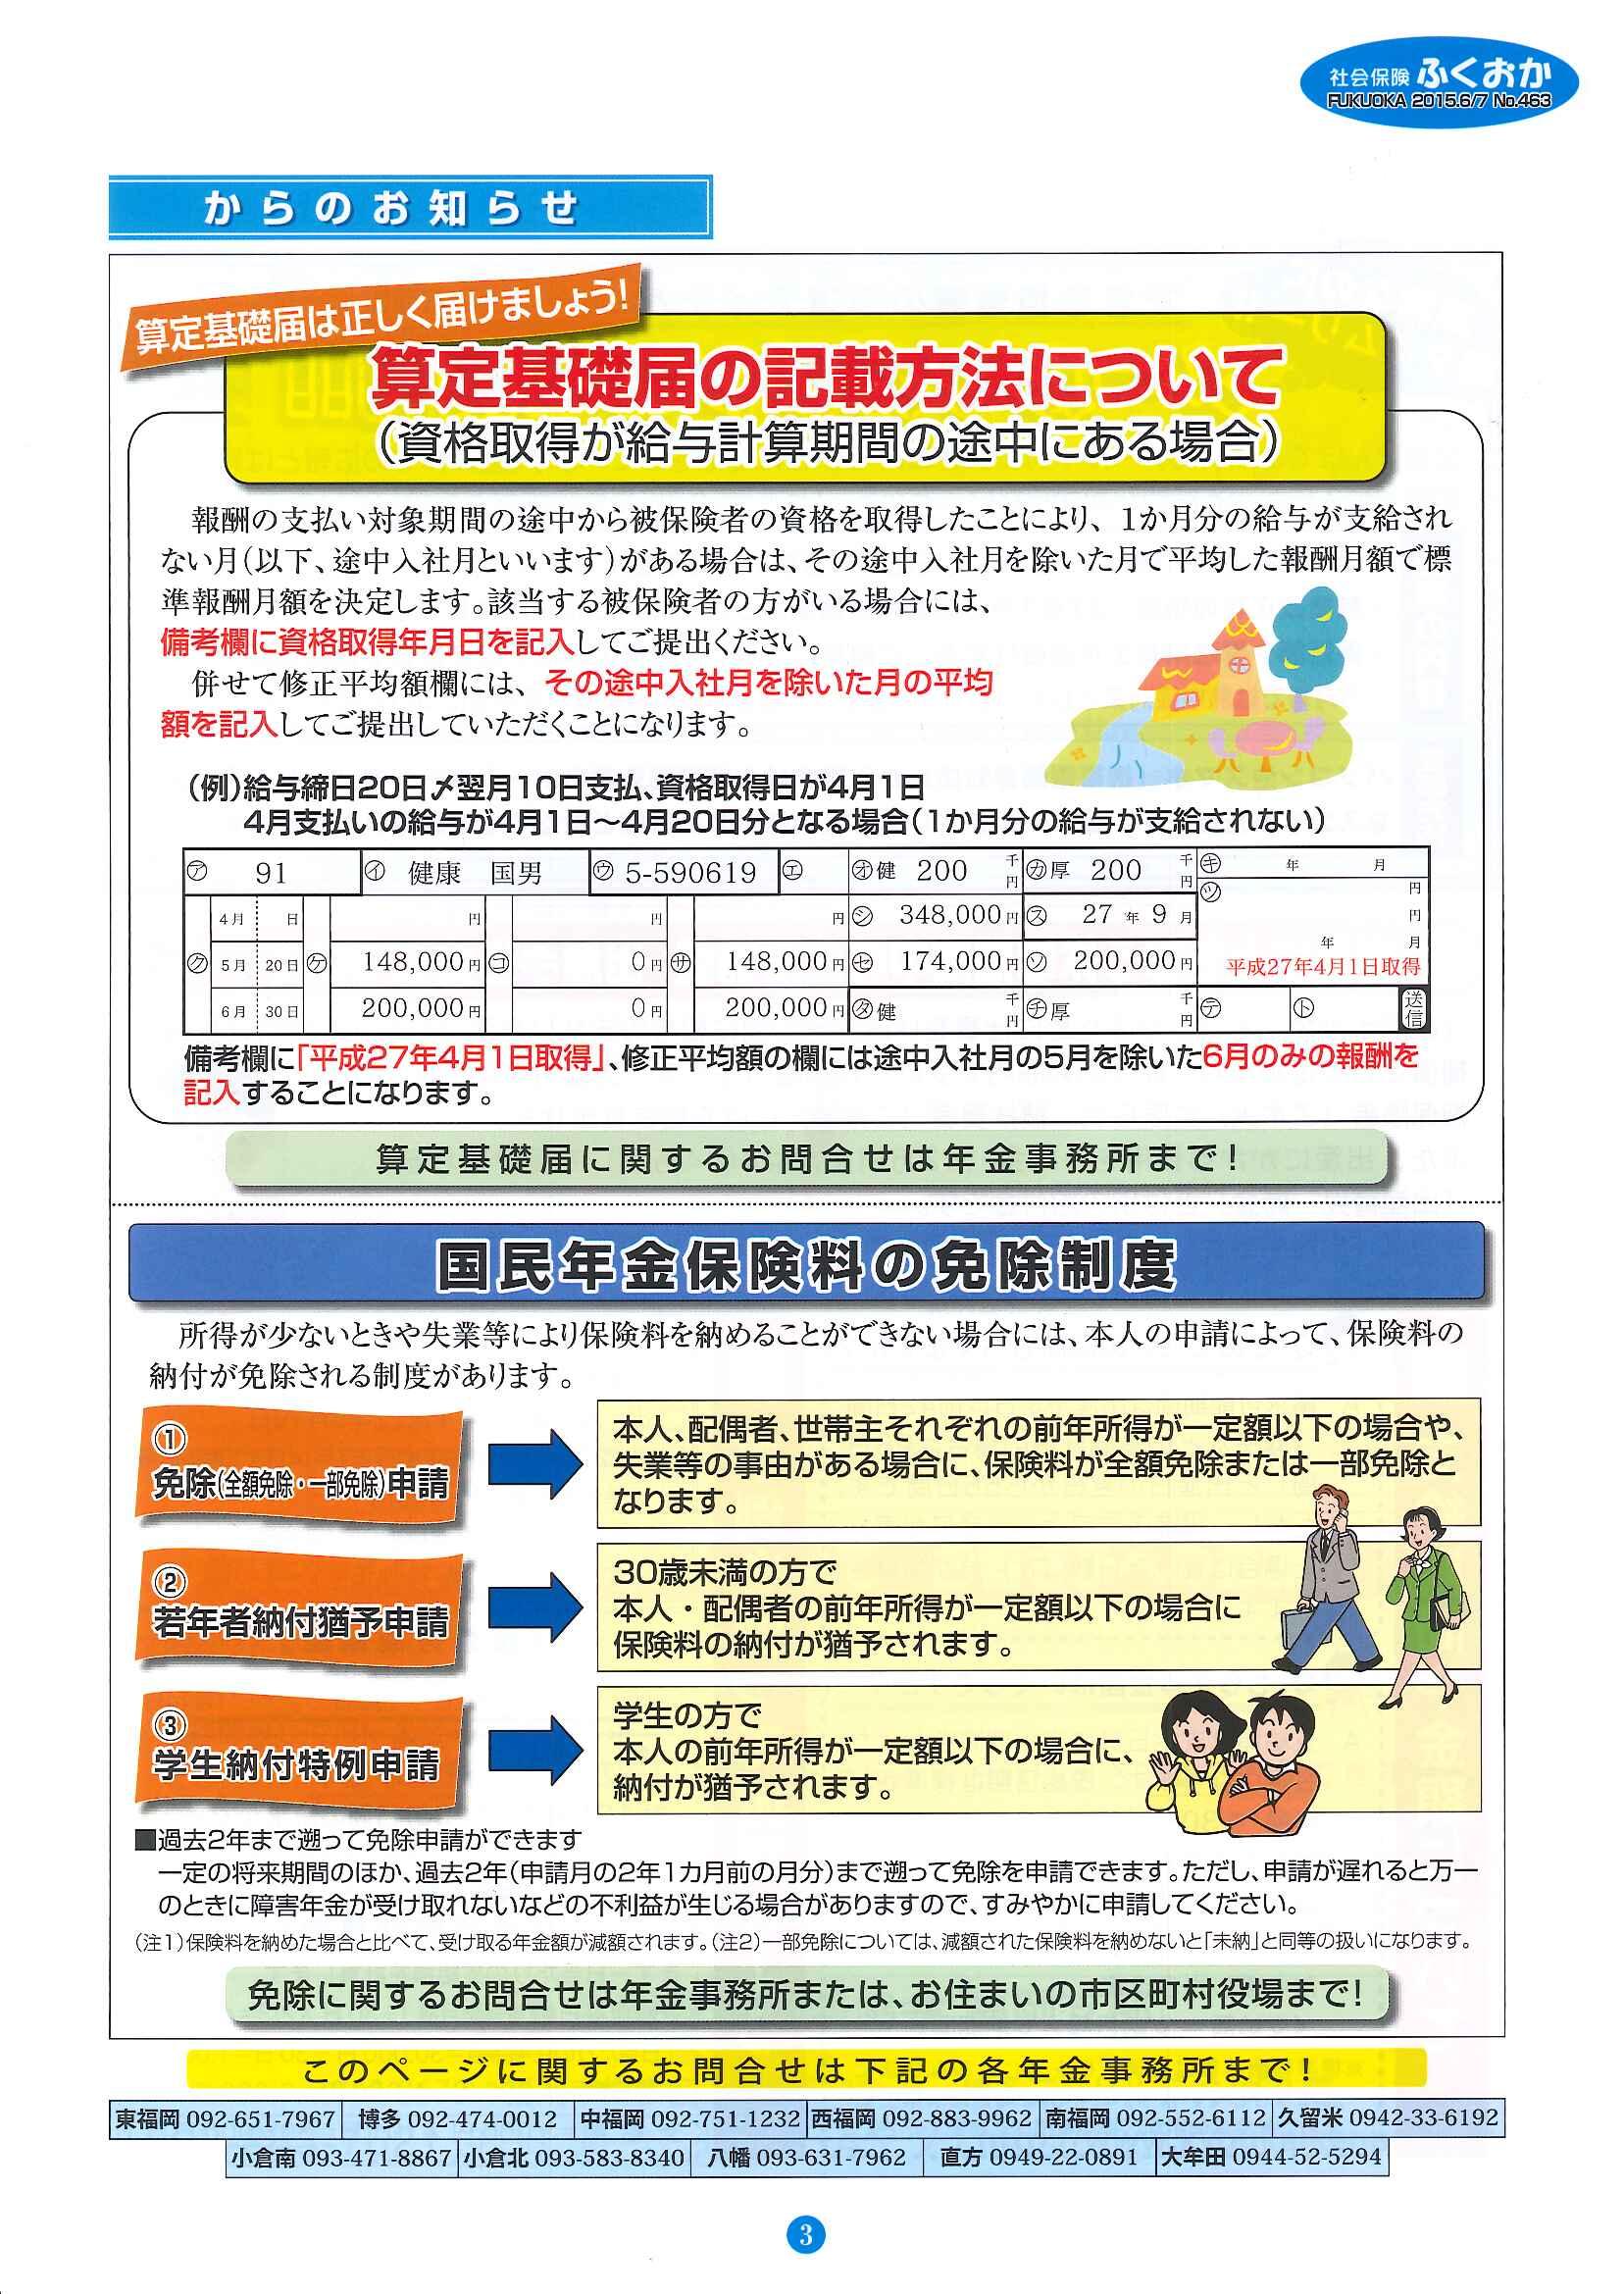 社会保険 ふくおか 2015年6・7月号_f0120774_1575229.jpg